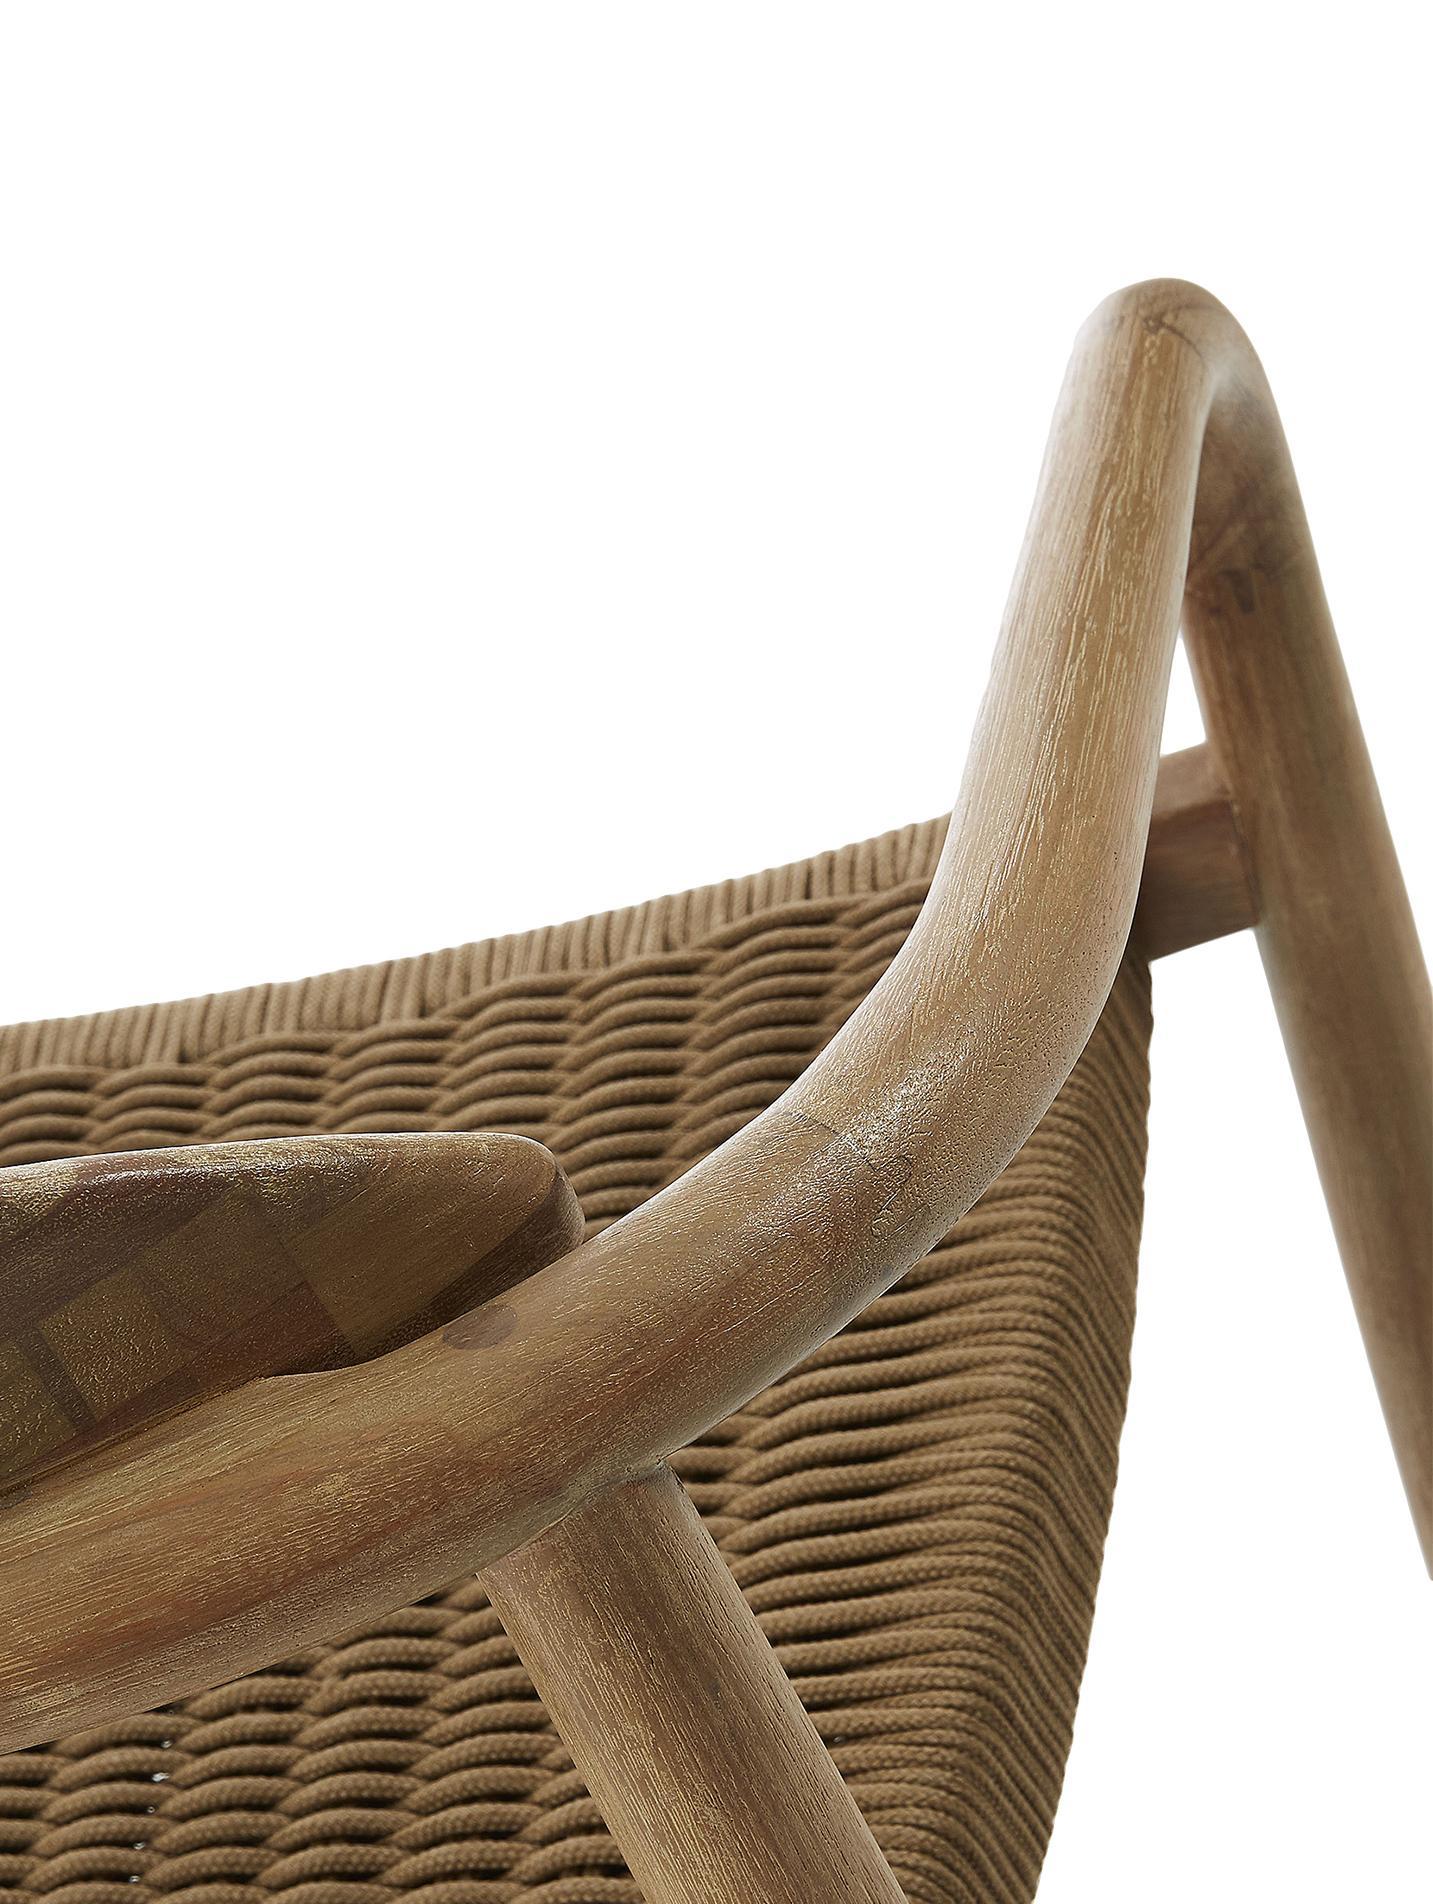 Armlehnstuhl Nina aus Massivholz, Gestell: Massives Eukalyptusholz, Sitzfläche: Polyester, UV-beständig, Braun, B 56 x T 53 cm